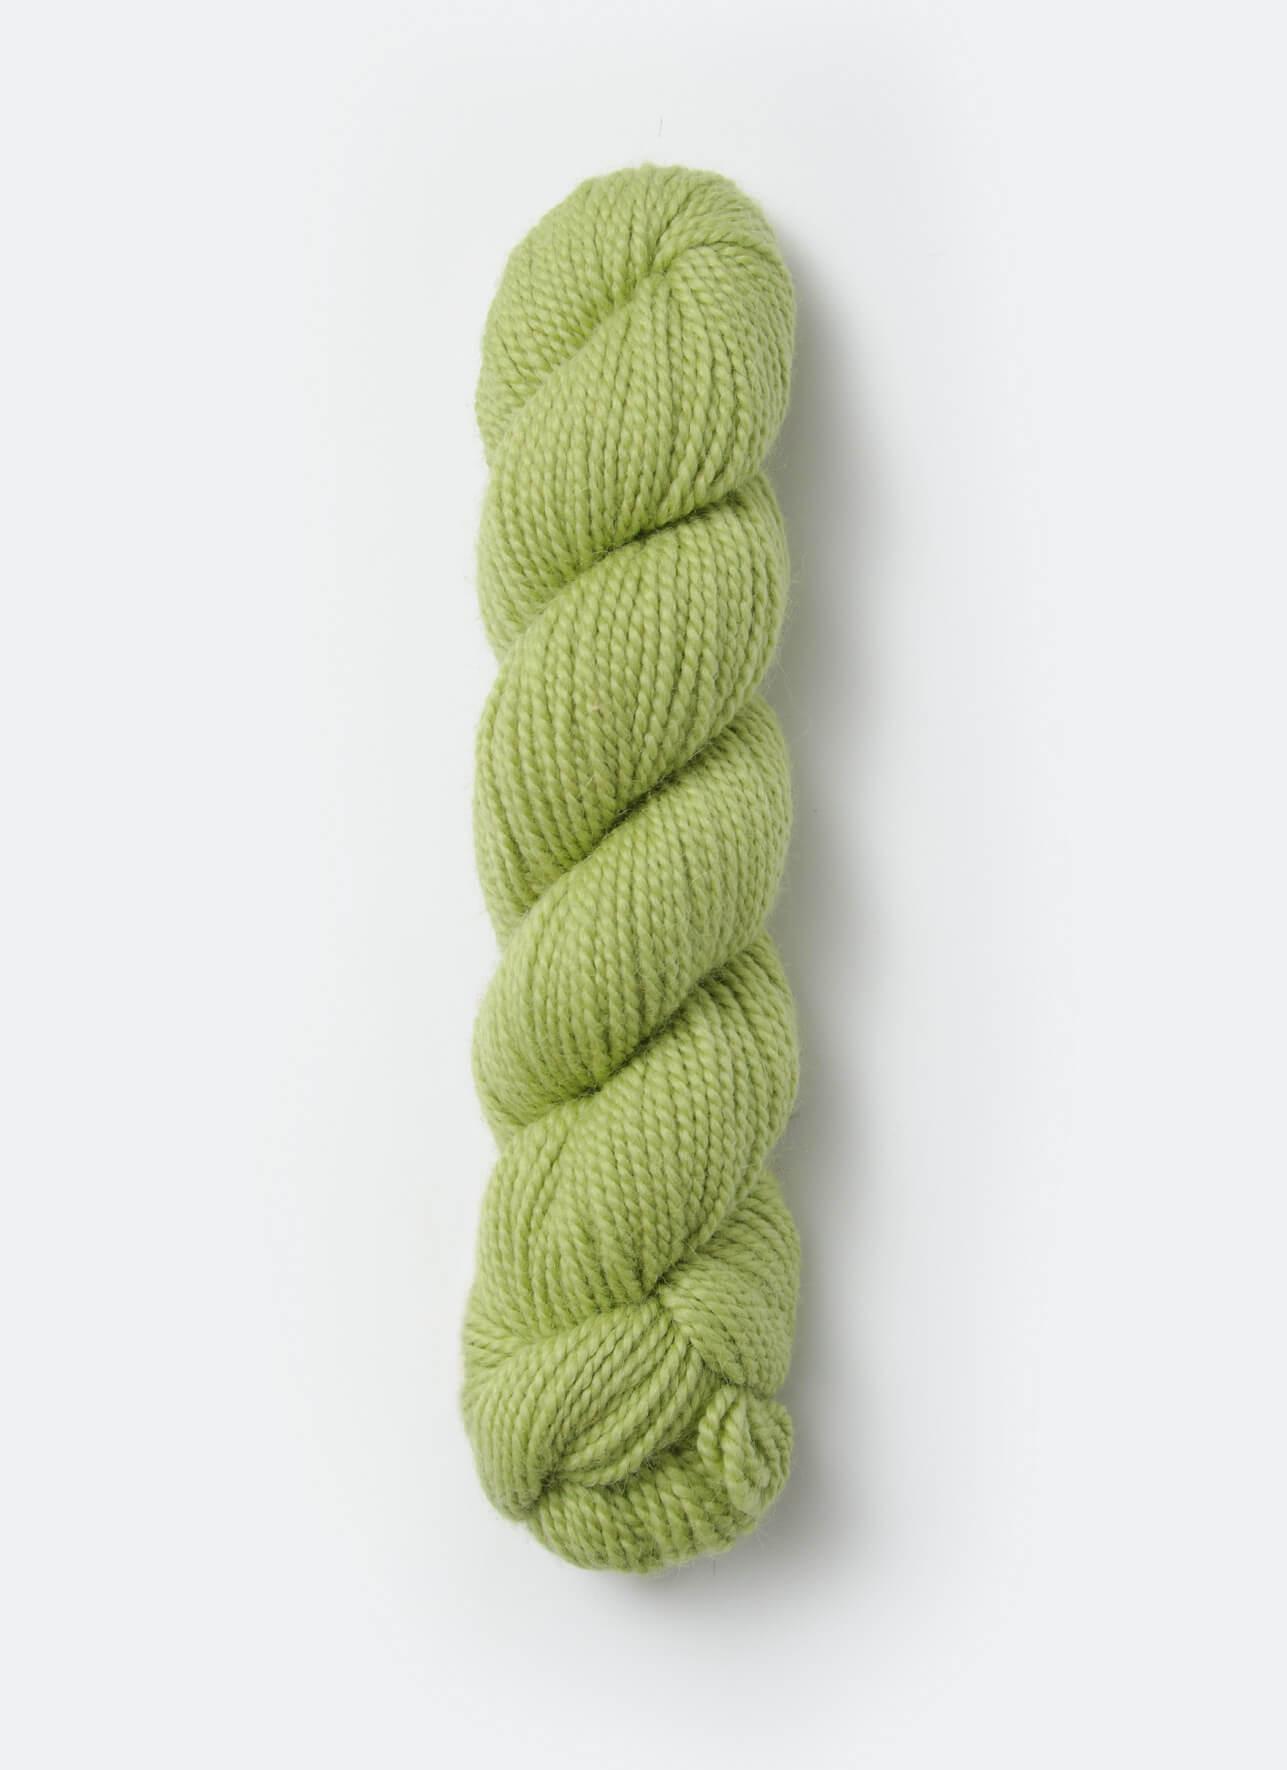 No. 543: Celery